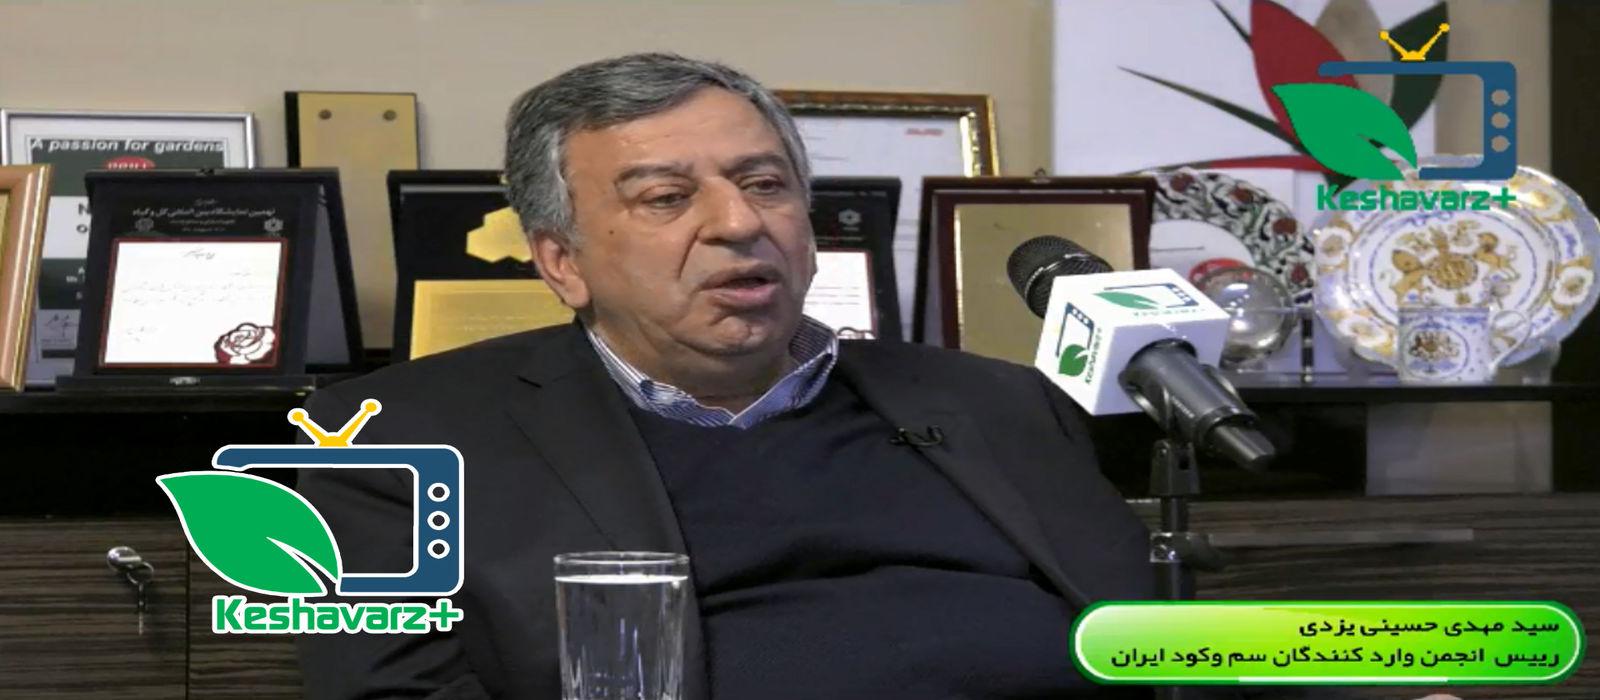 ناگفته های رییس انجمن وارد کنندگان سم وکود ایران از ورود شرکت های دولتی در واردات کود